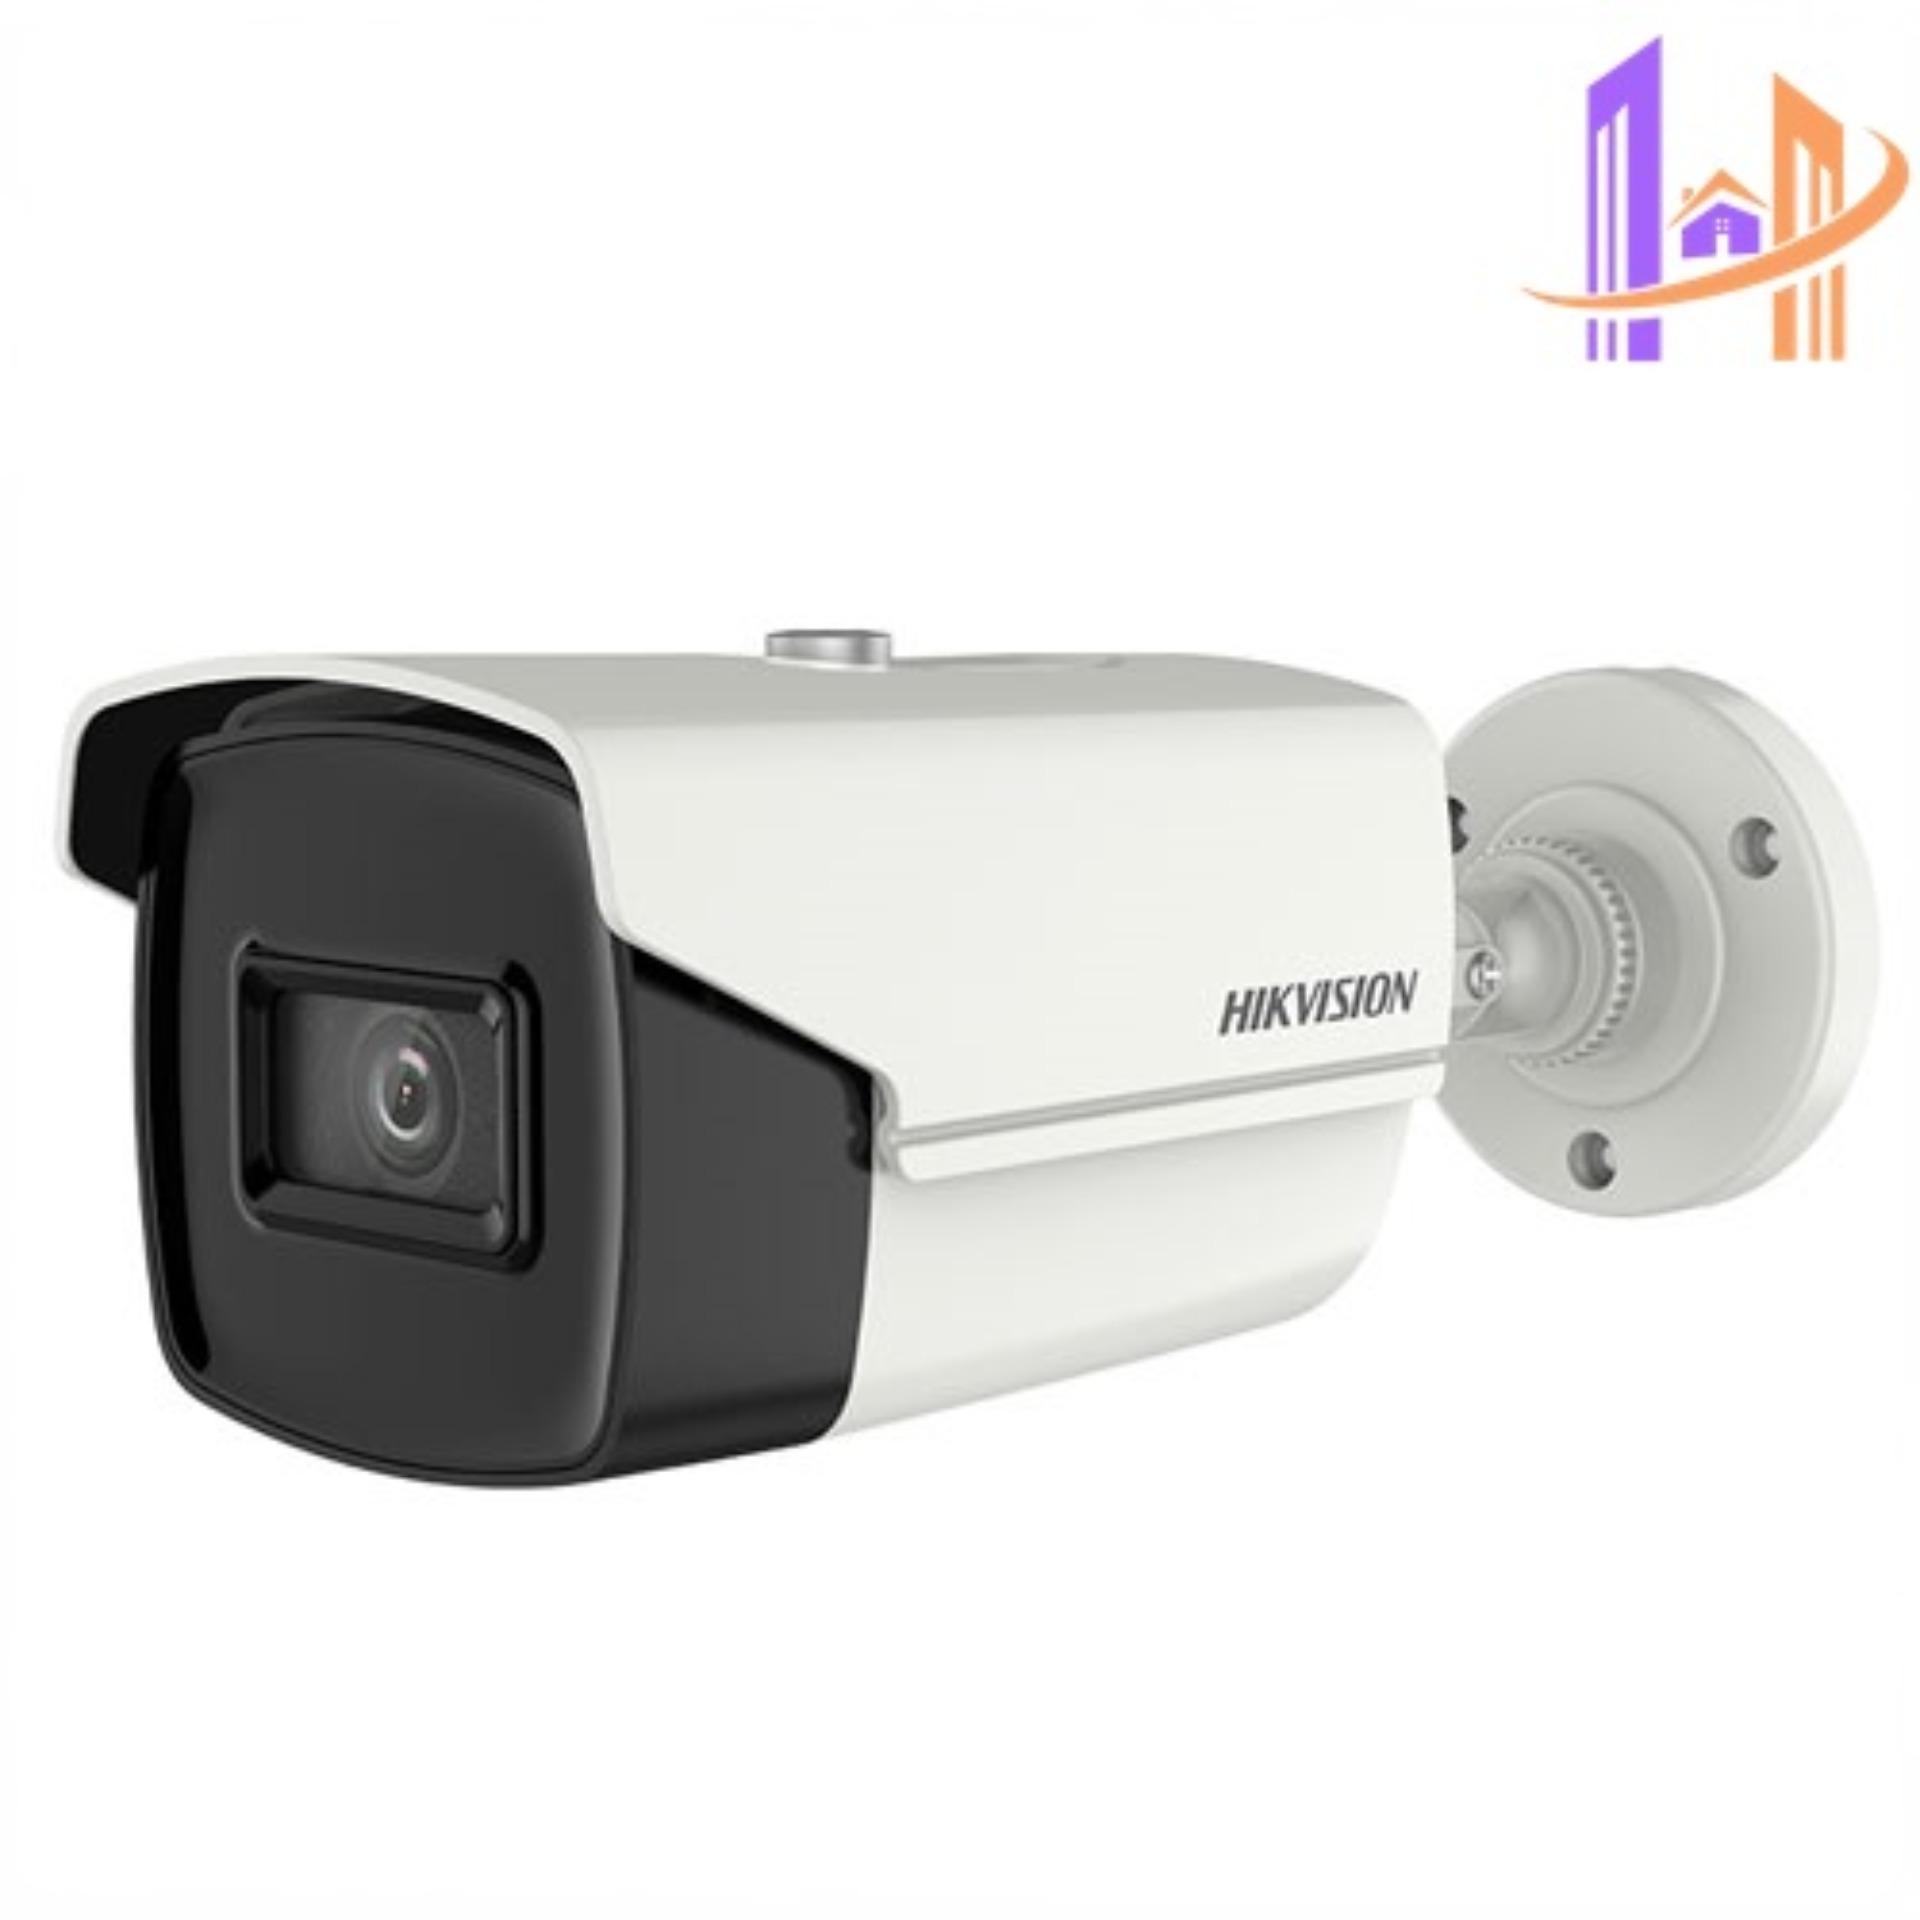 [BẢO HÀNH 24 THÁNG] Camera HIKVISION DS-2CE16D3T-IT3(F) 2.0Mp – Camera giám sát an ninh – Công Nghệ Hoàng Nguyễn